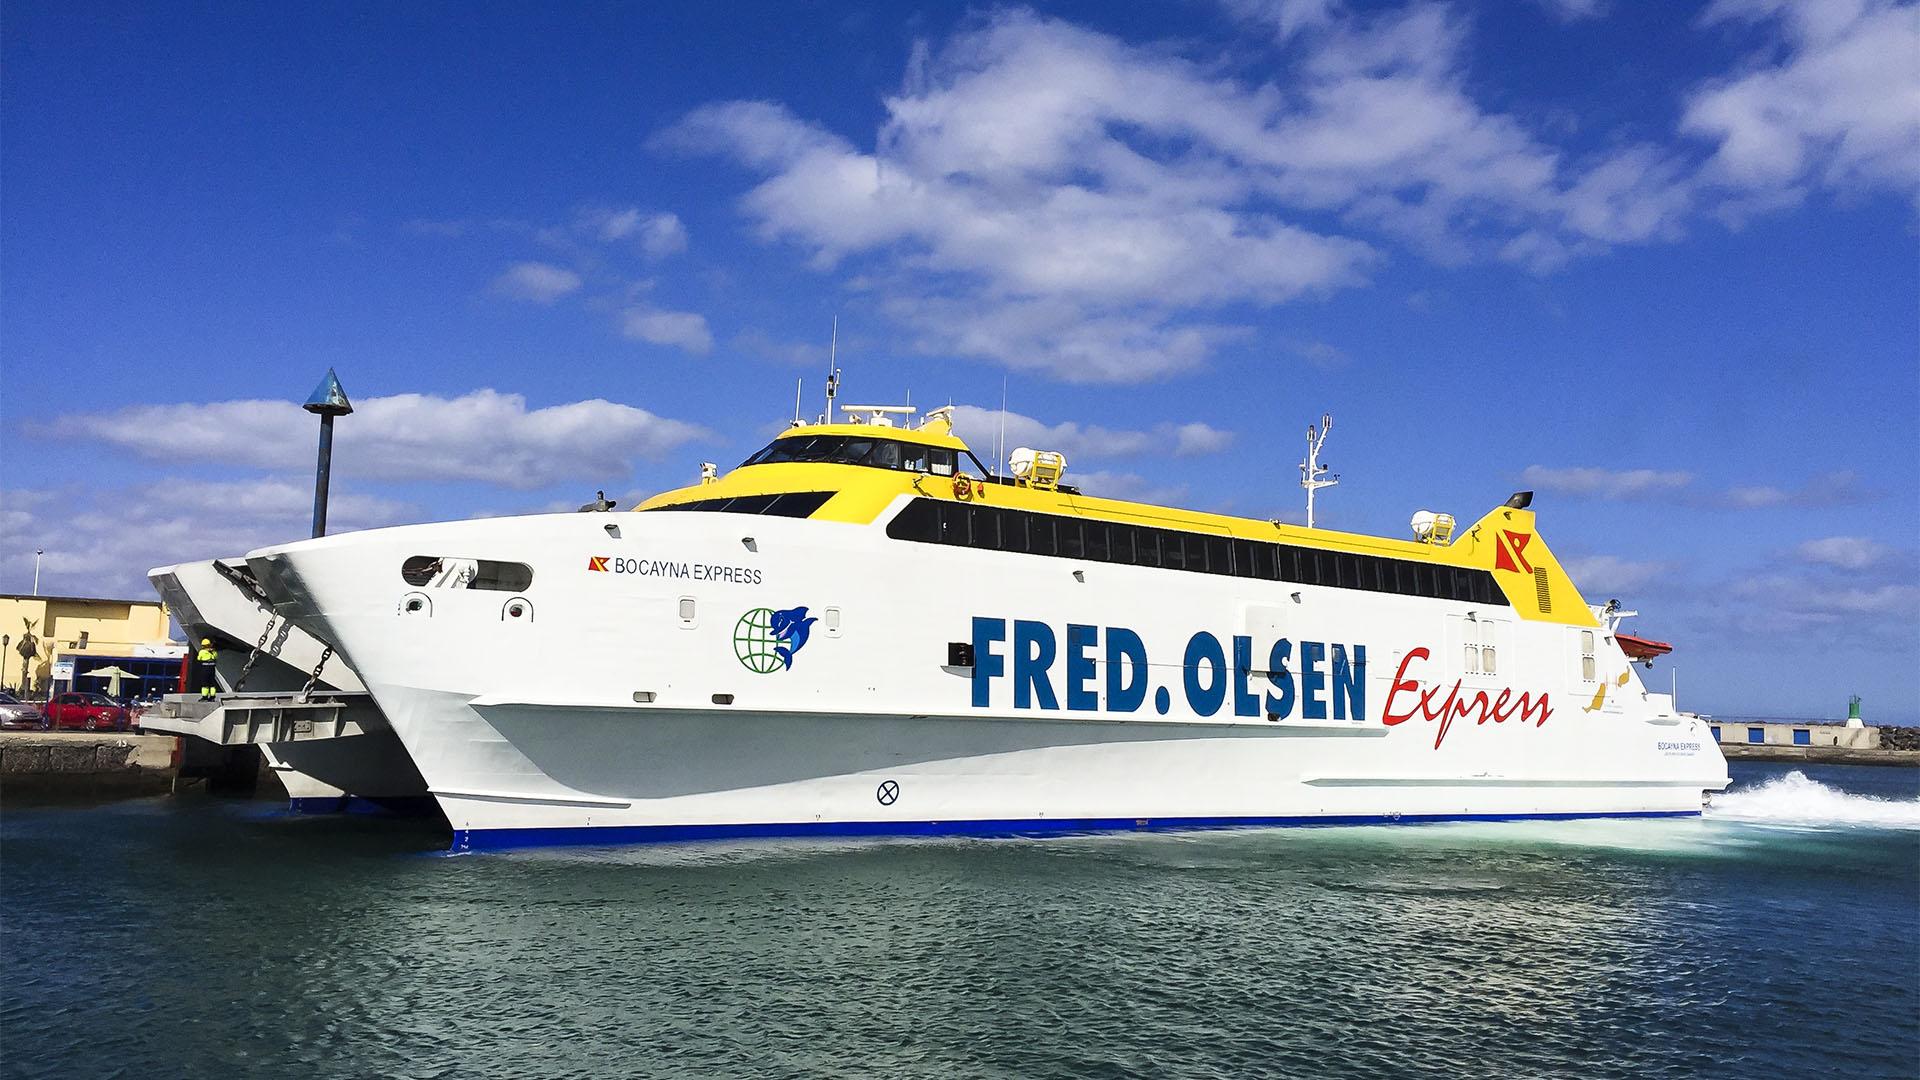 Mit der Fähre nach Fuerteventura und Fährverbindungen zwischen den Inseln.